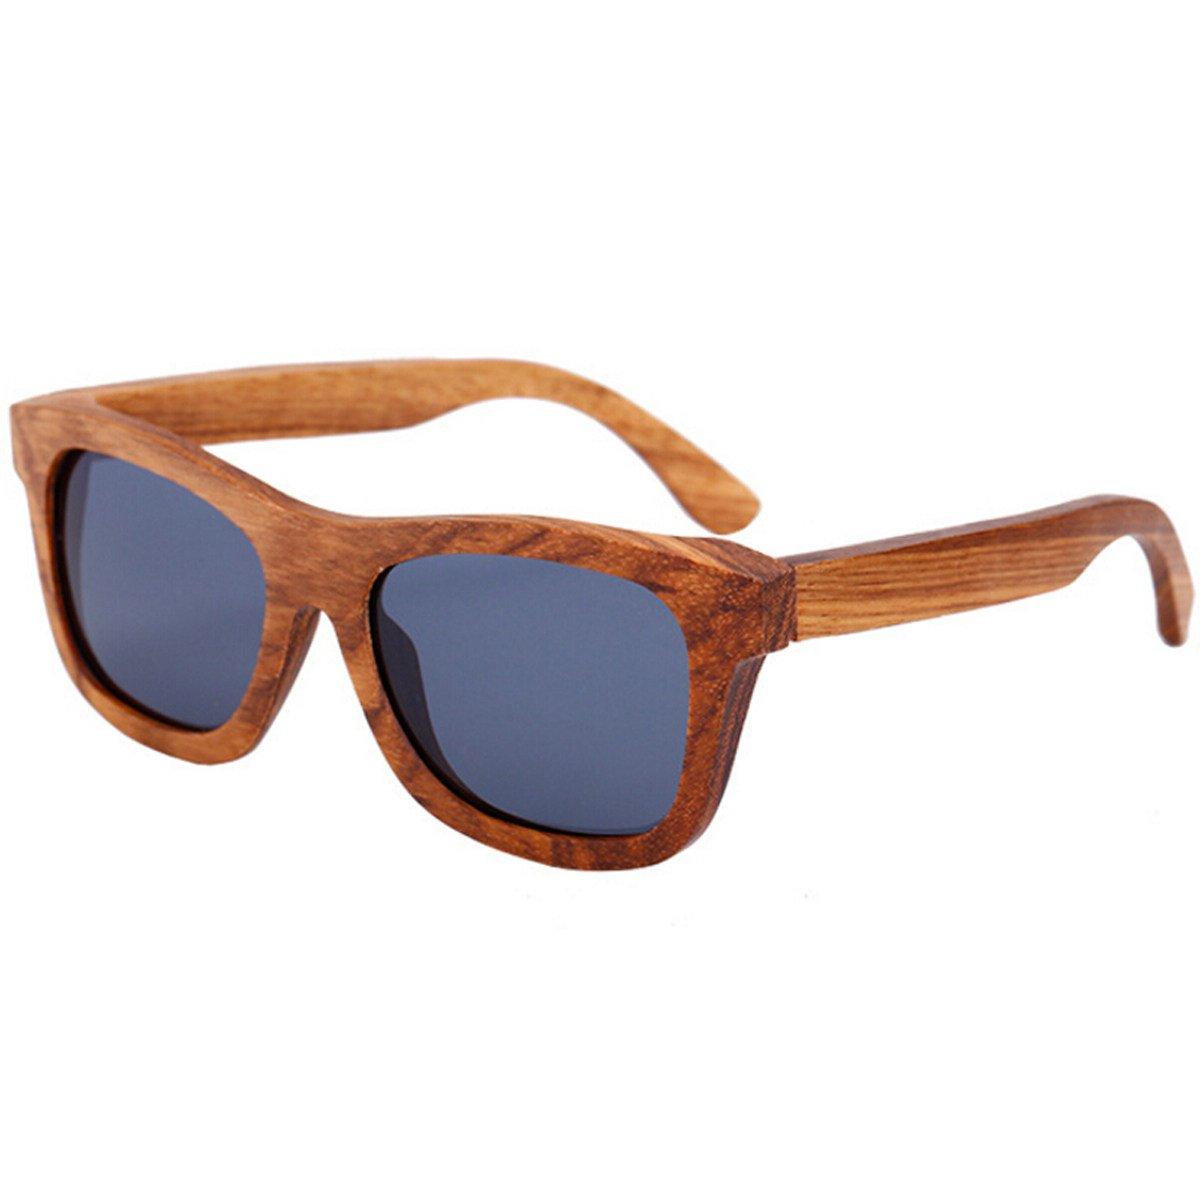 Gafas De Sol De Madera Retro Hombres De Bambú Polarizadas ...